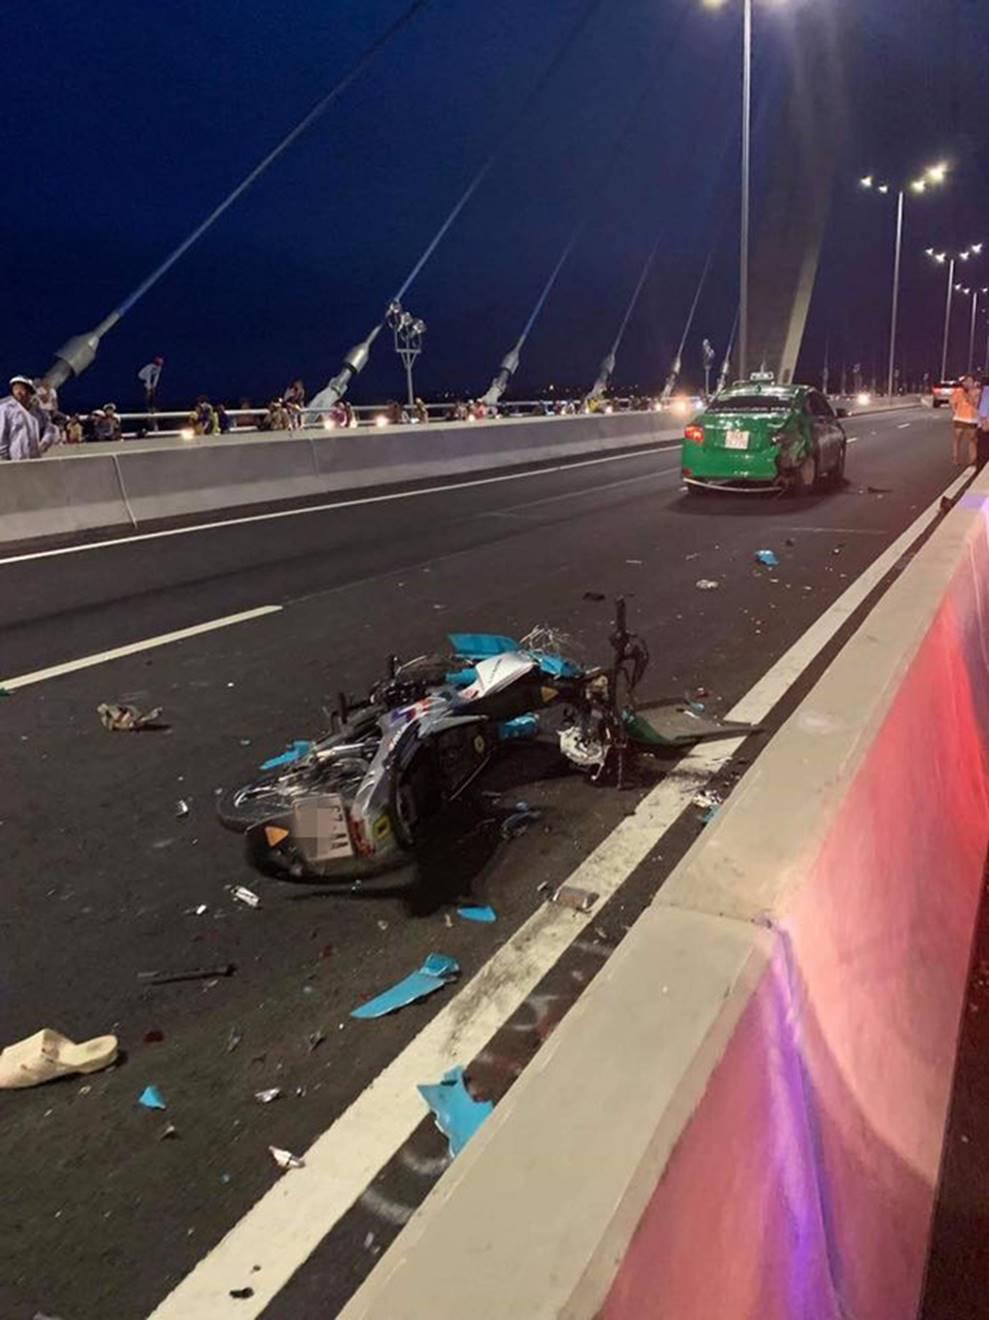 Đăng ảnh trên cầu cùng dòng chia sẻ ẩn ý, thanh niên chạy vào làn ô tô gây tai nạn kinh hoàng-2